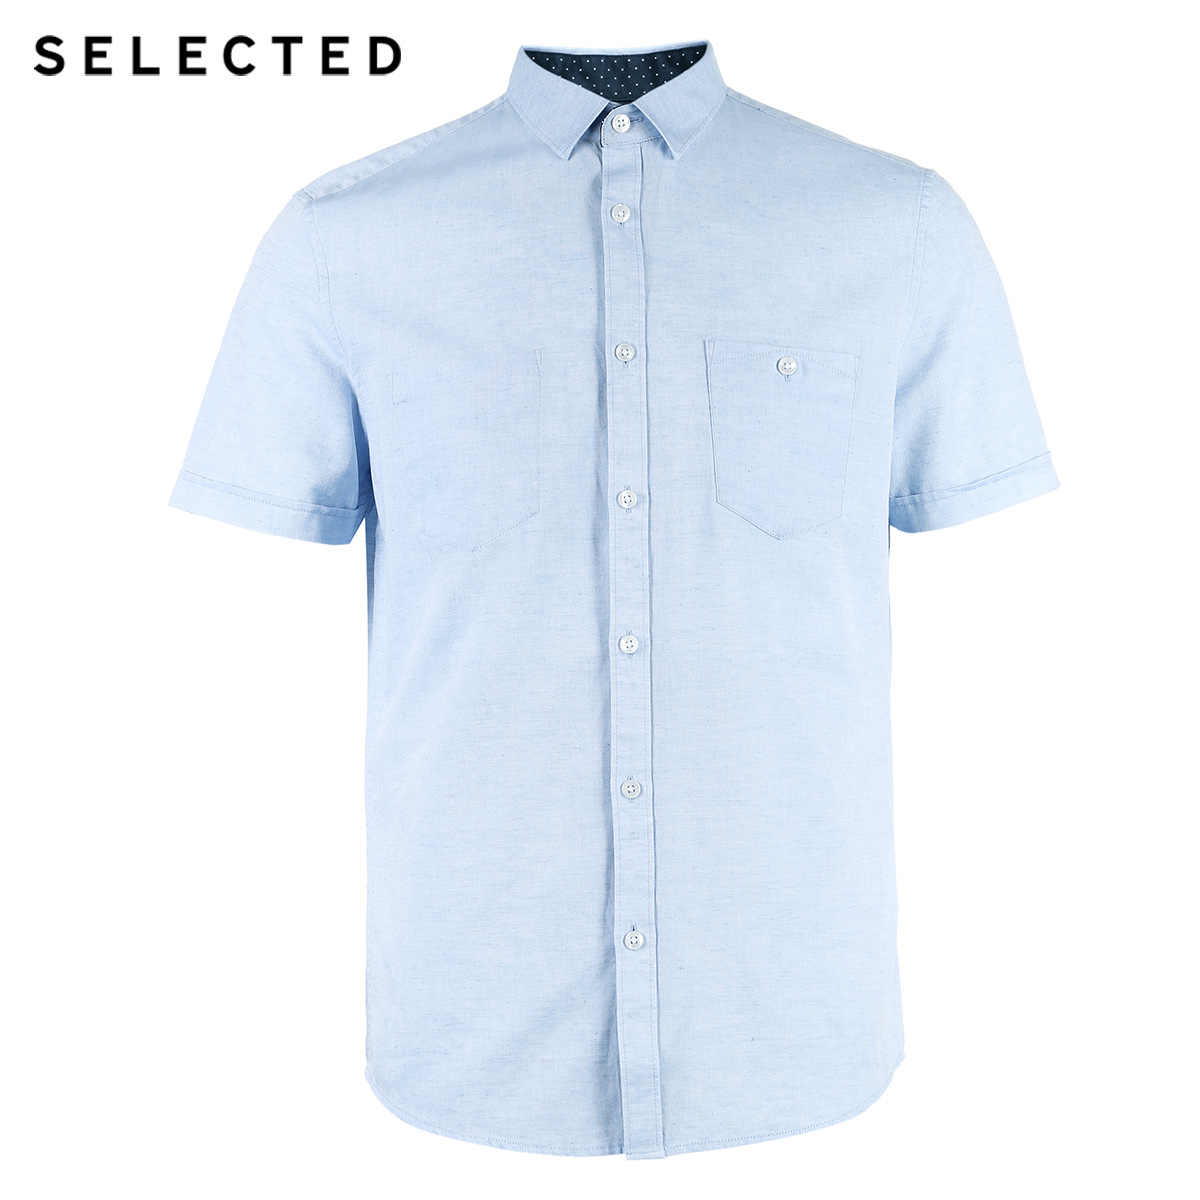 選択された男性の綿とリネンわずかなストレッチ純粋な色指摘襟レギュラーフィット半袖シャツ C | 418204544